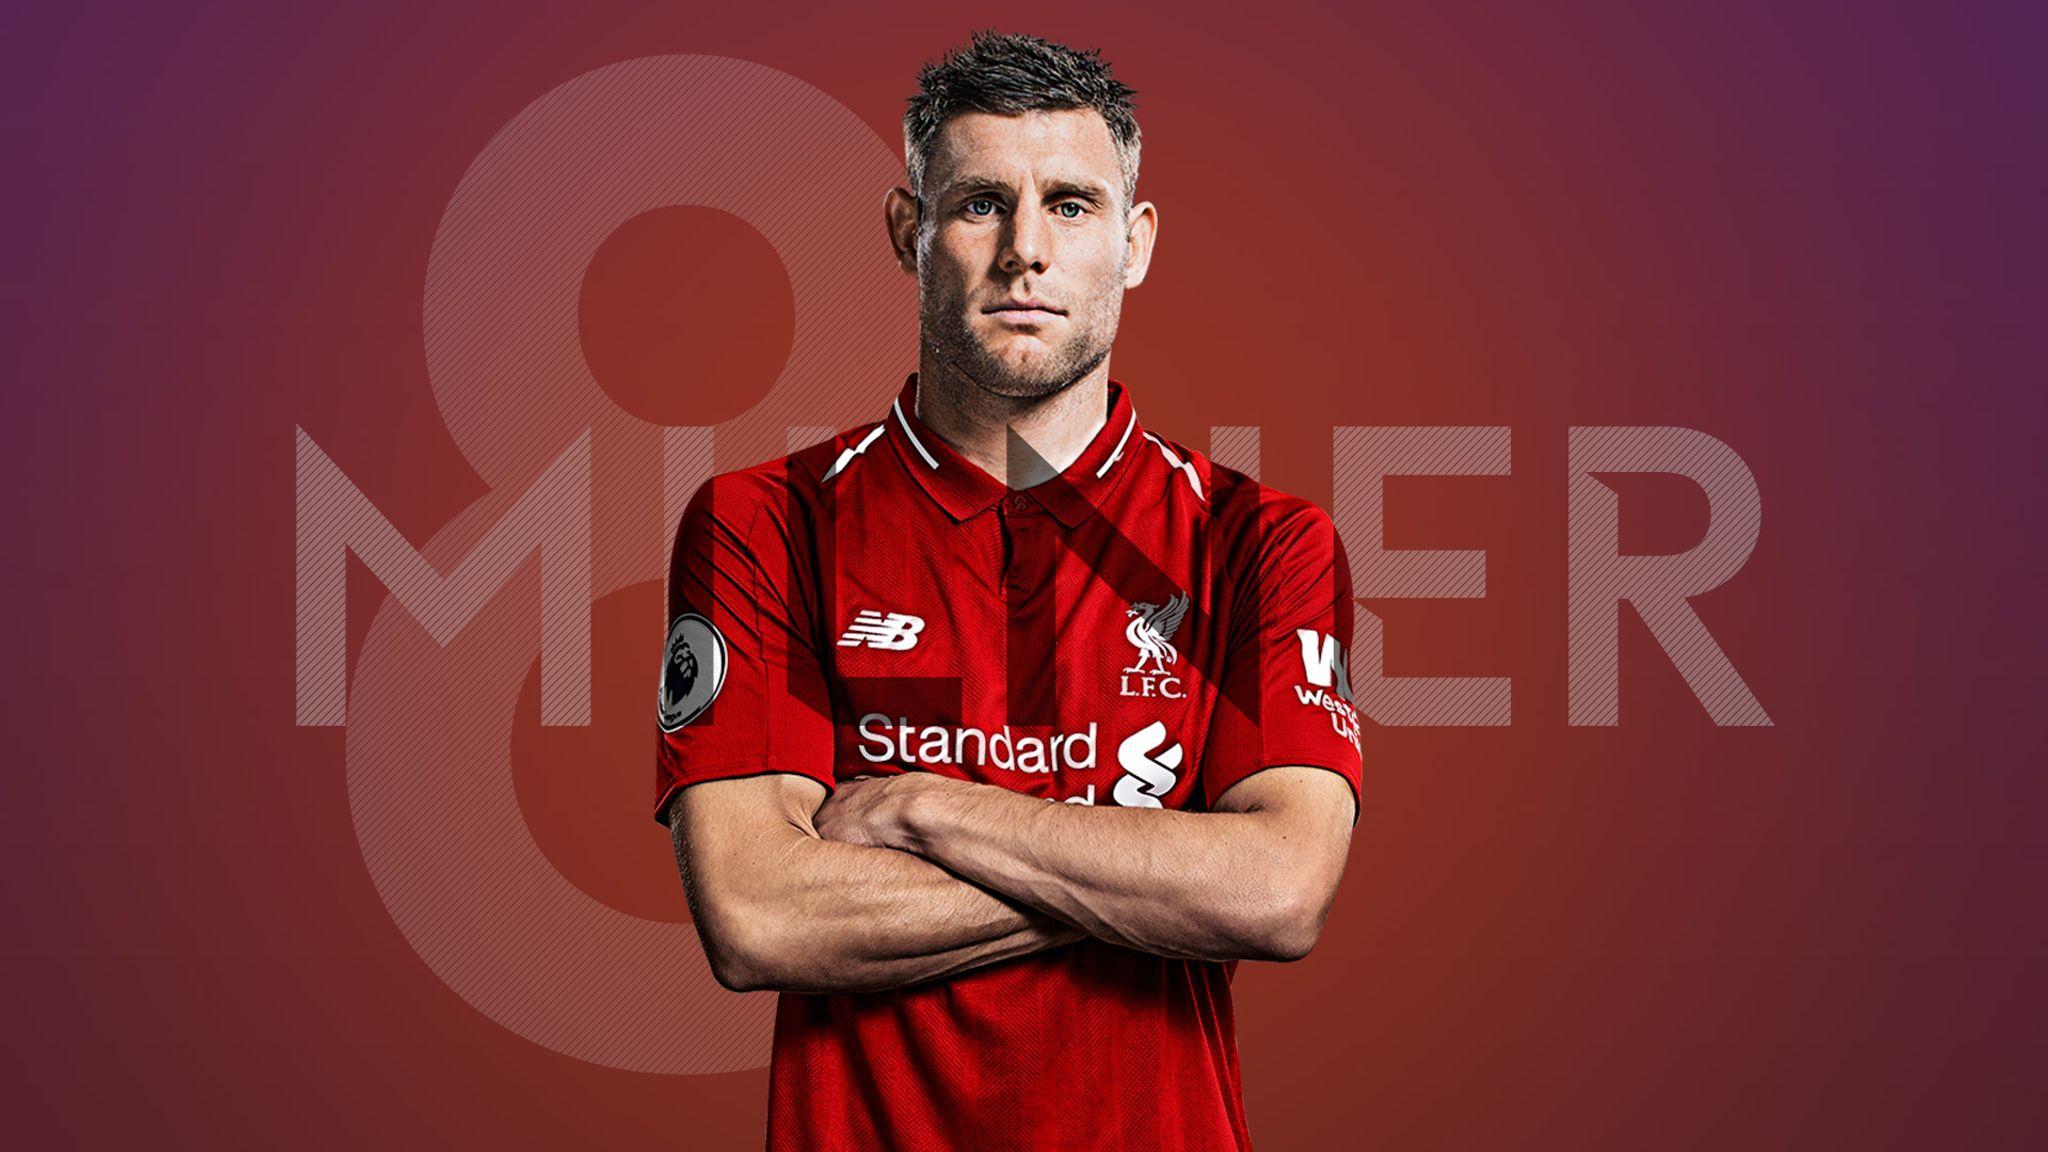 online retailer eb29a 57512 Top 10 Premier League stars of 2018: Liverpool's James ...